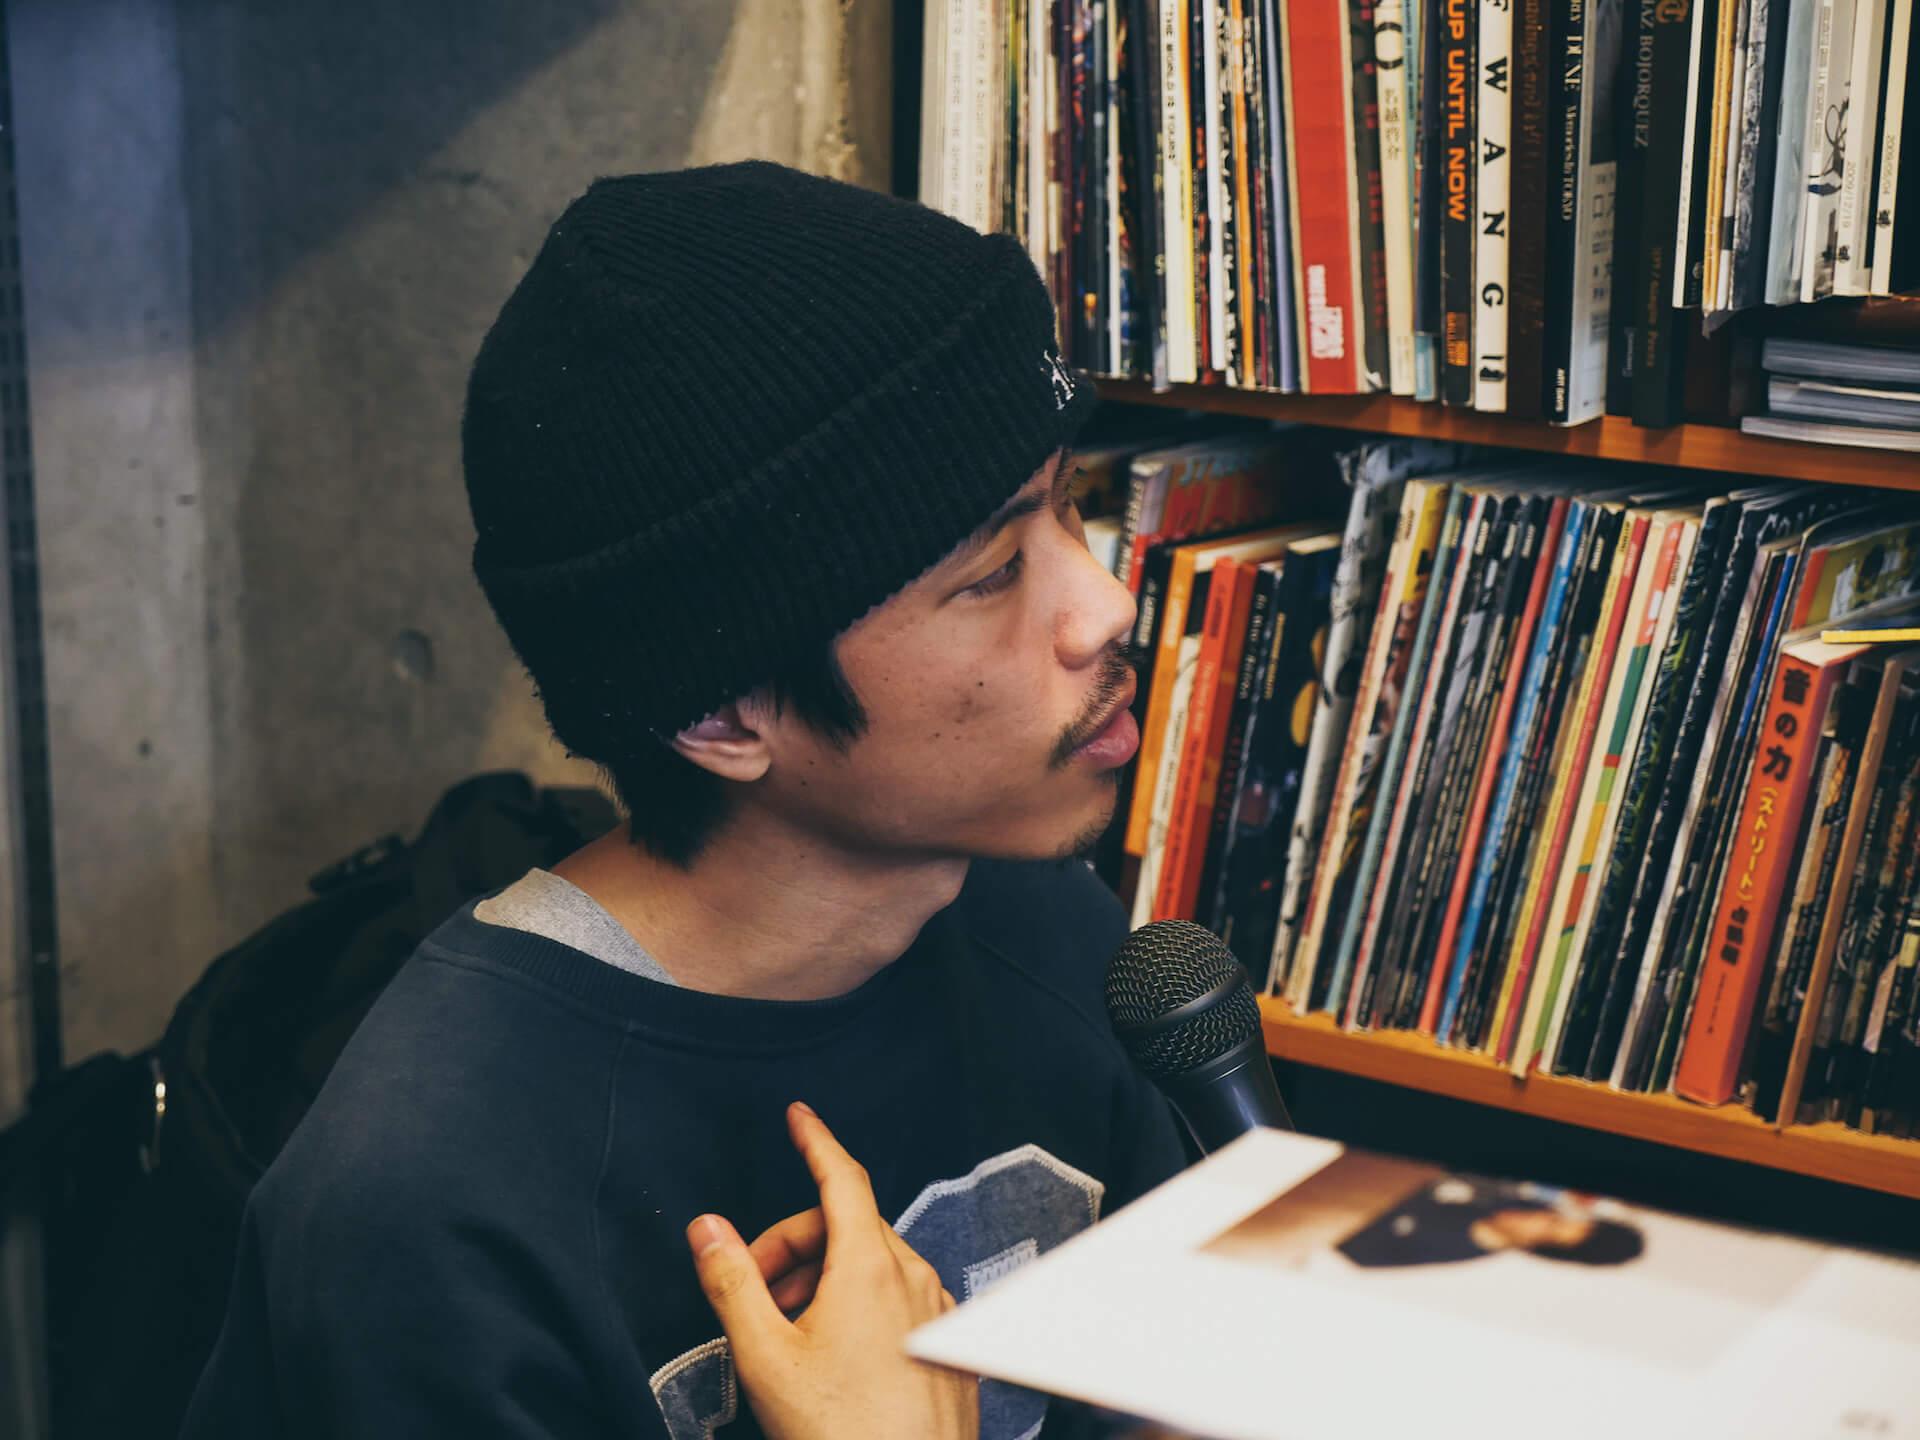 ビートは世界と出会う――BEAT MEETS WORLD x WANDERMAN POP UP in RAH YOKOHAMA REPORT interview-beat-meets-world-pop-up-report-24